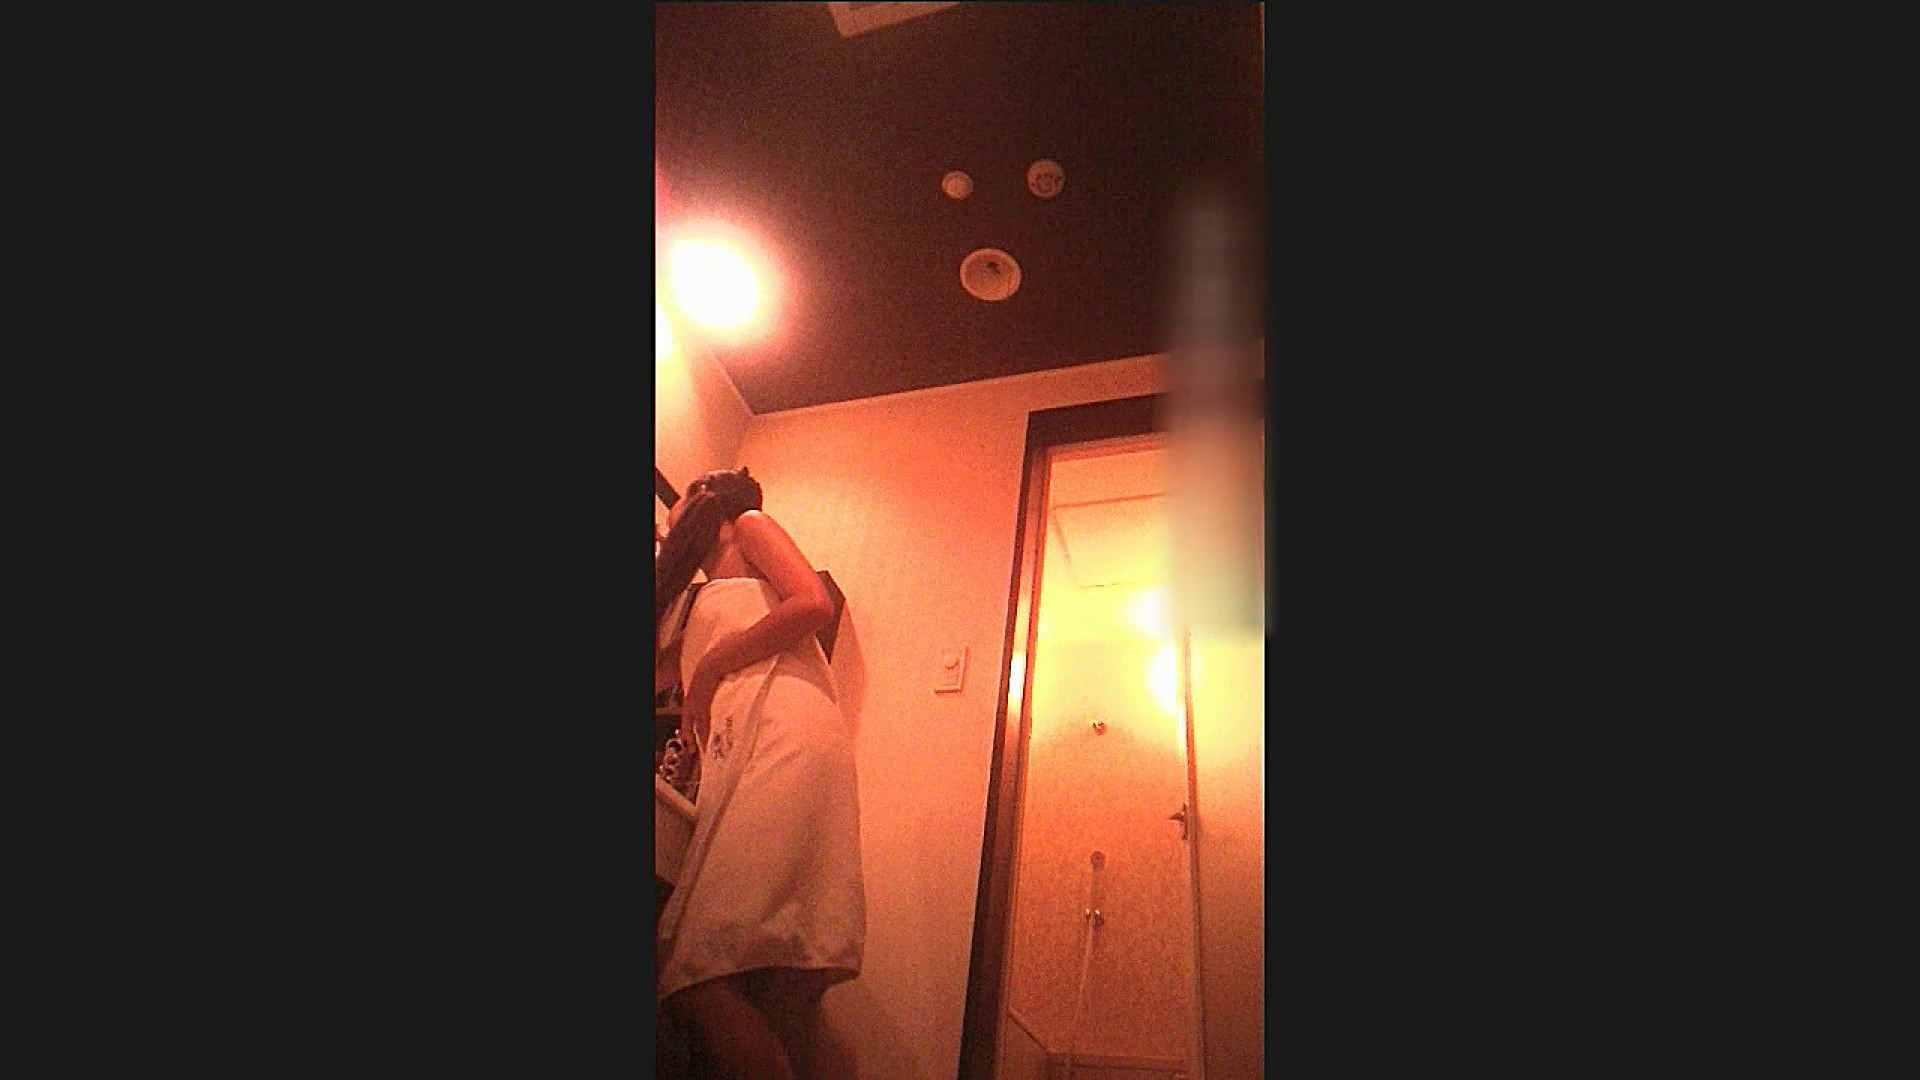 厚化粧はこの日だけ。。 ひまるちゃん Vol. 20  脱衣編 シャワー室   ラブホテル  109枚 25